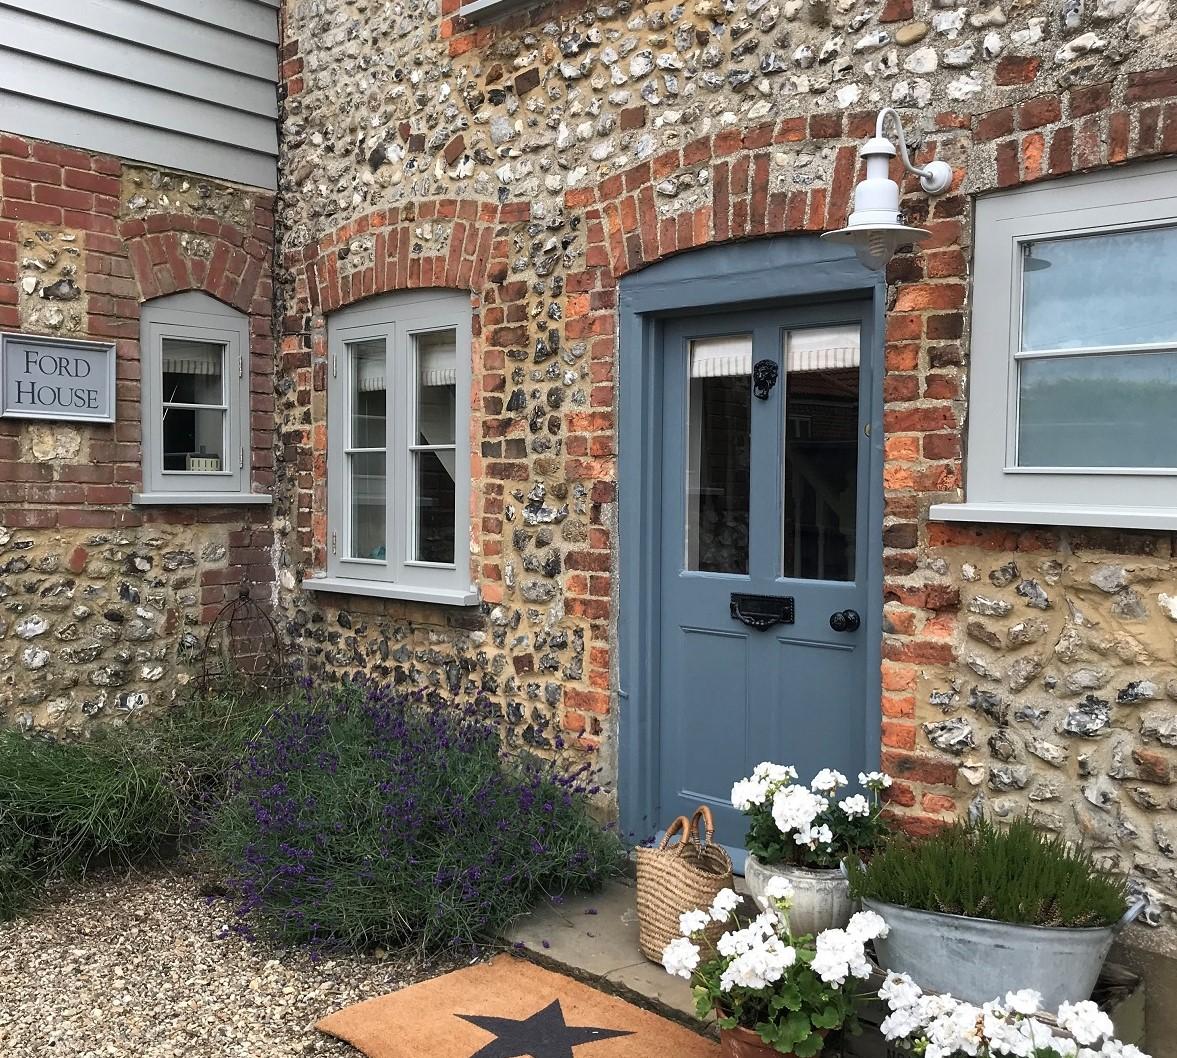 Fenwick and Tilbrook painted door